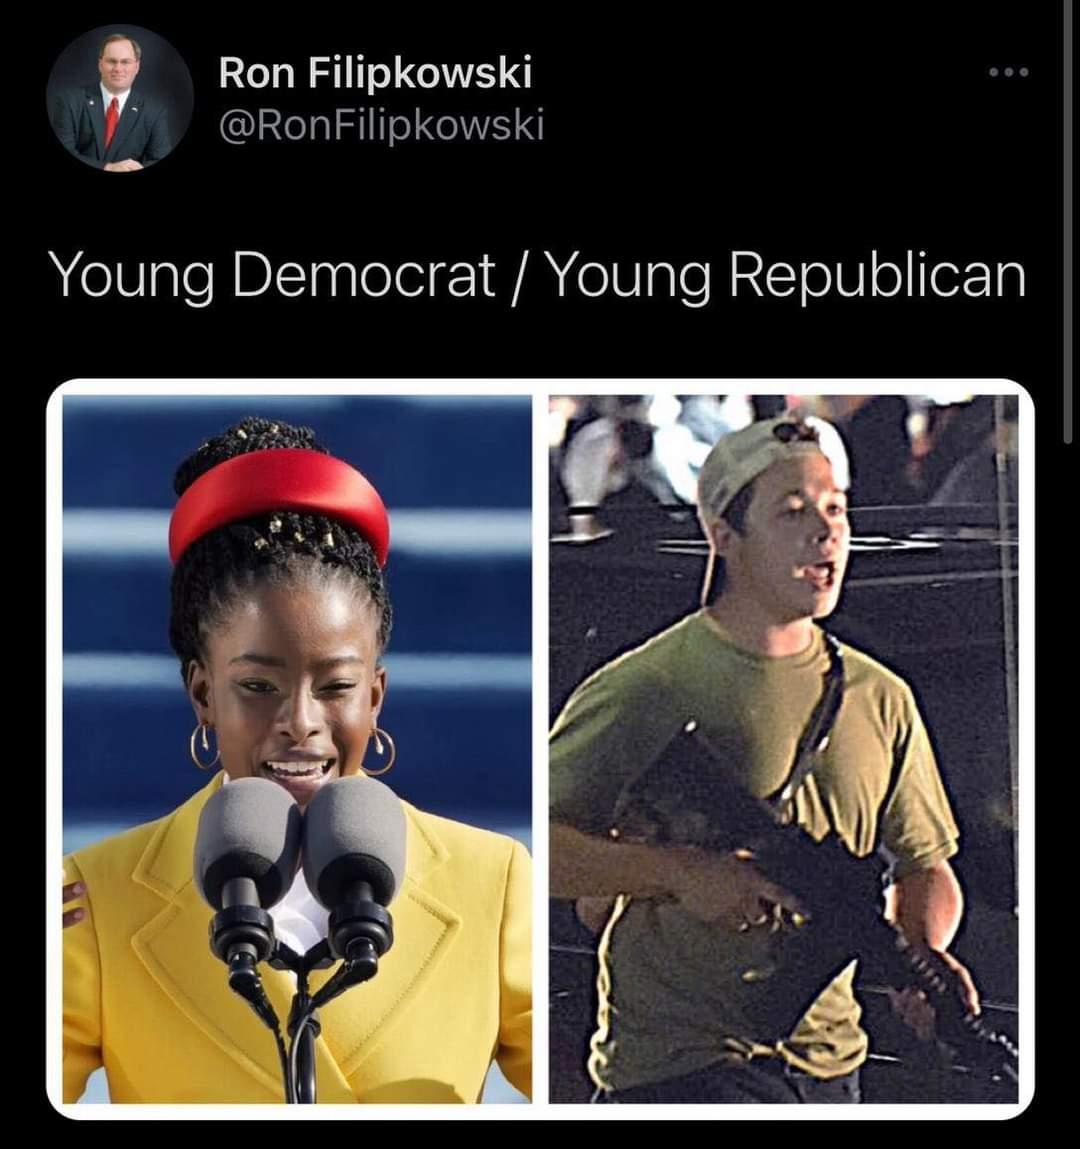 Memes  Young Democrat versus young Republican